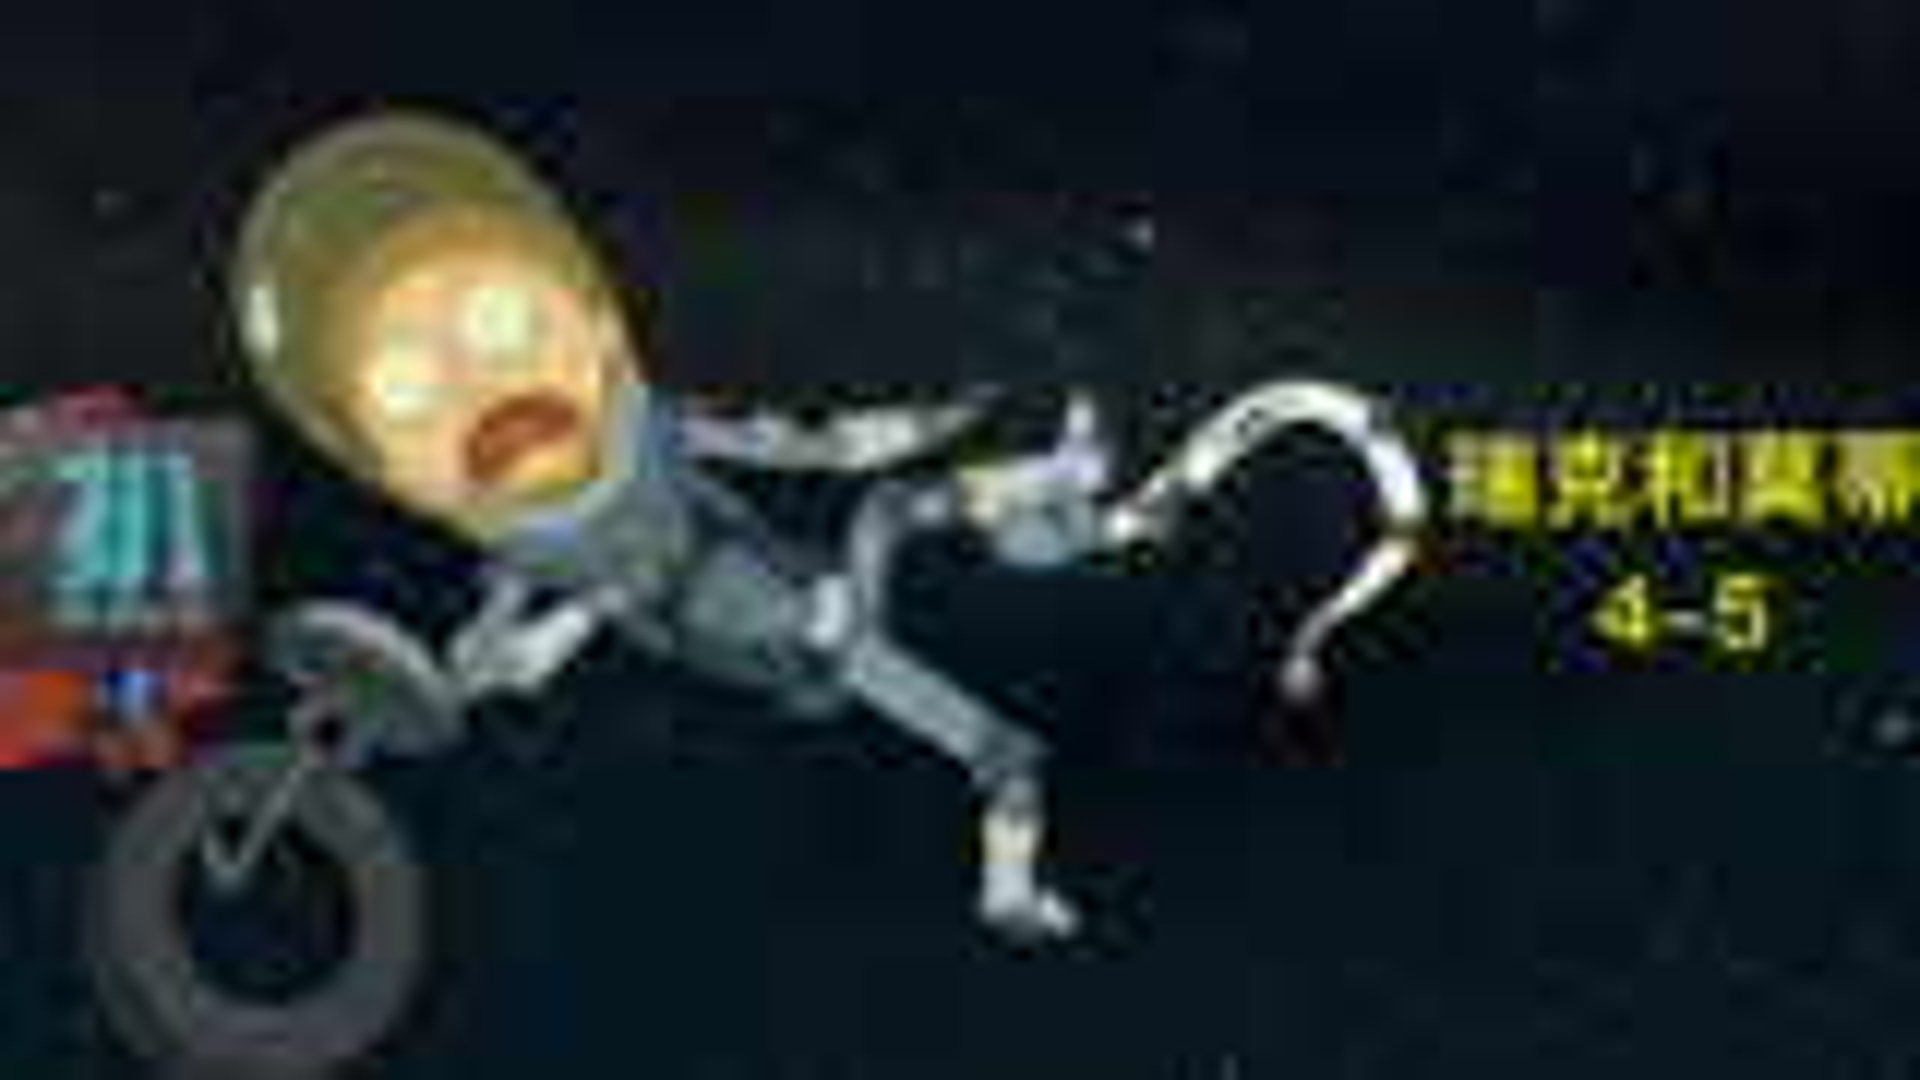 当蛇穿着宇航服上太空,忍不住咬了人类一口!《瑞克和莫蒂405》